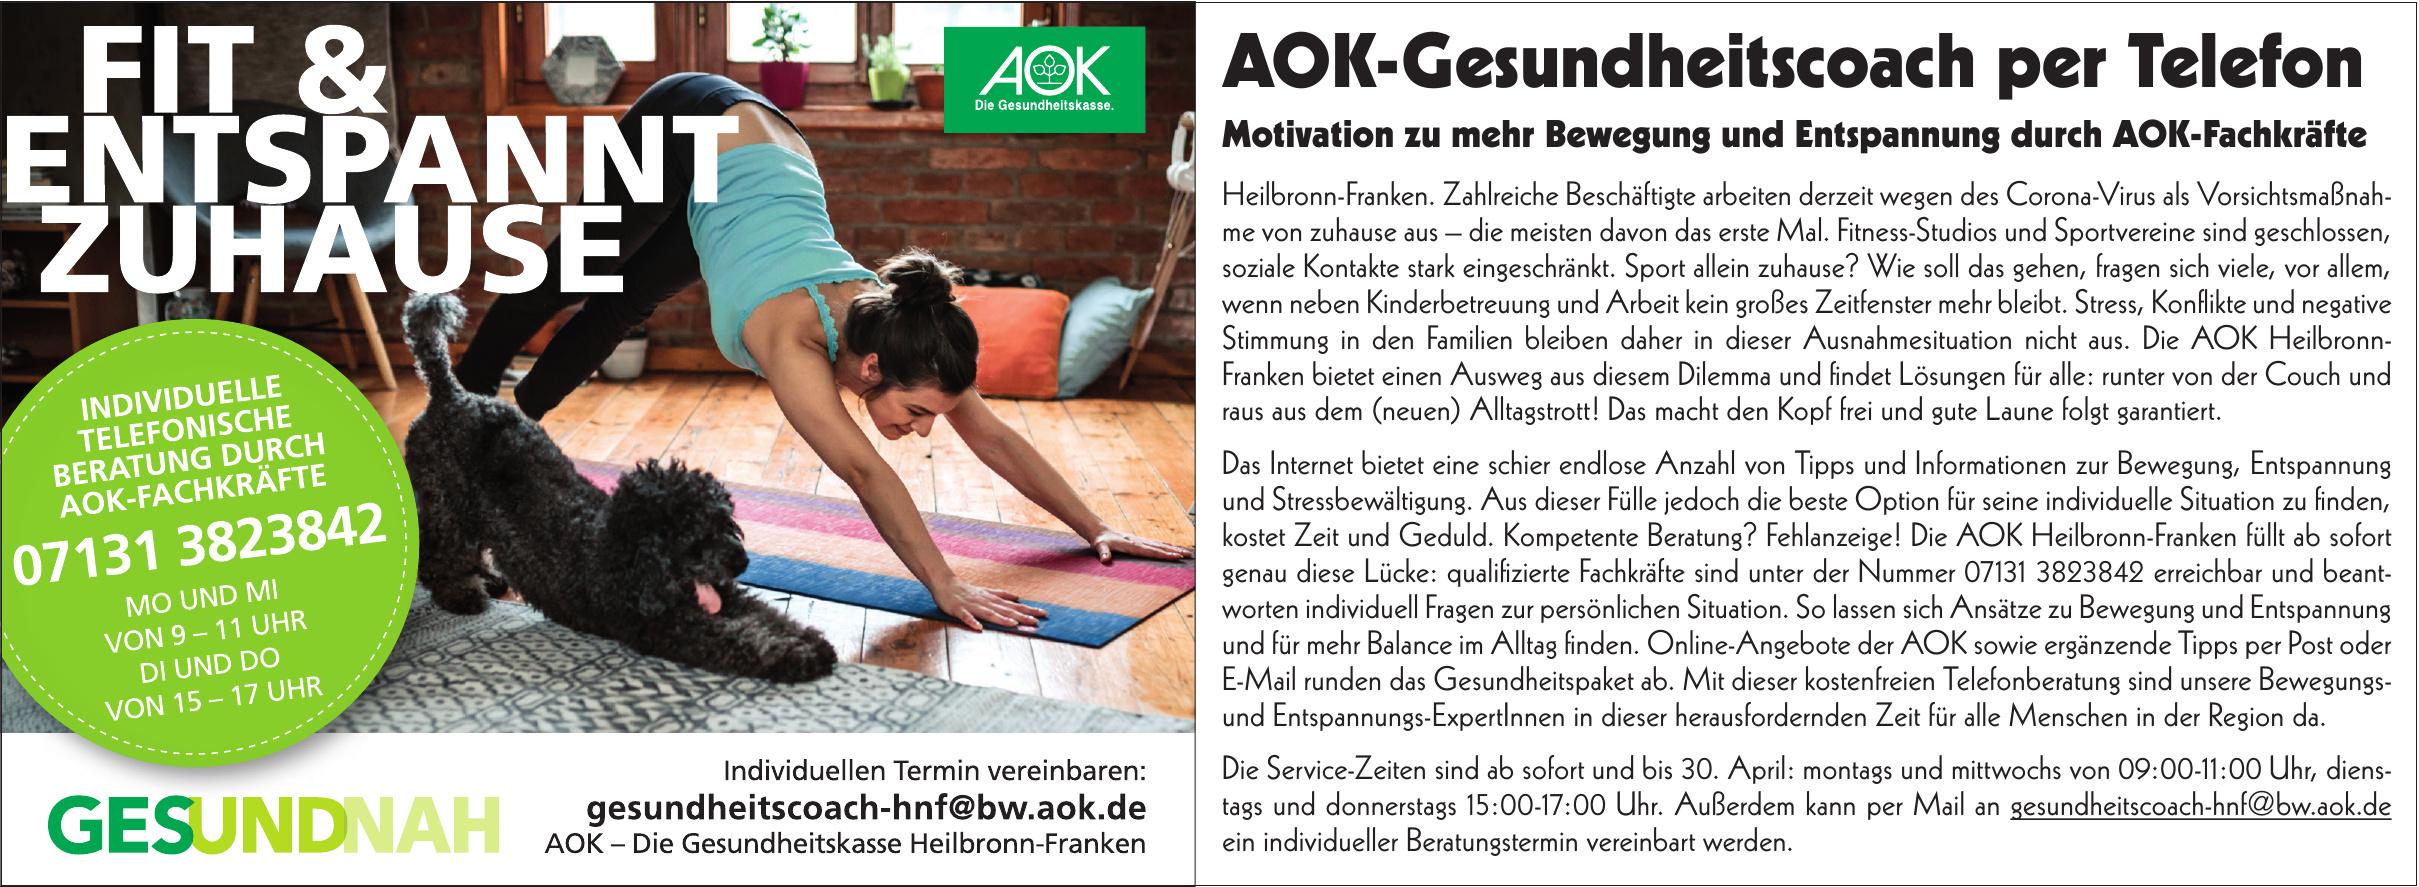 AOK - Die Gesundheitkasse